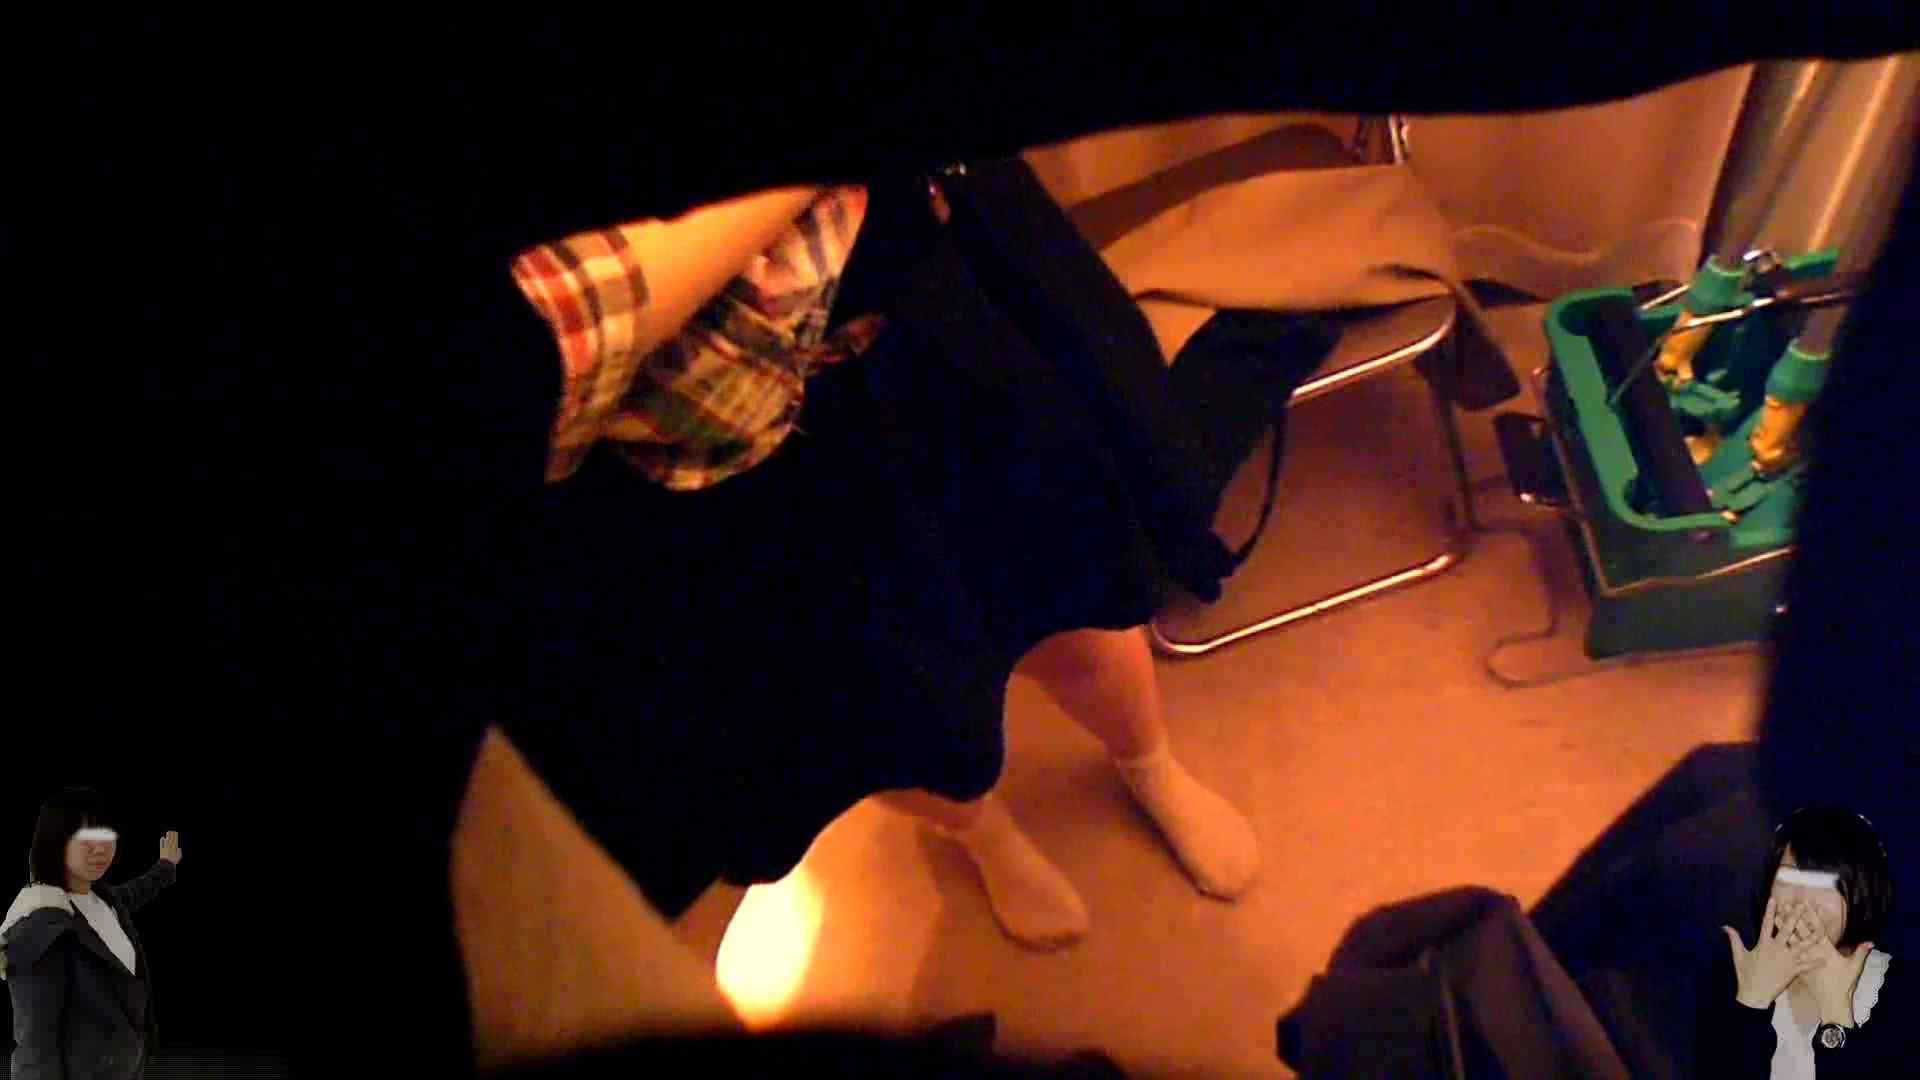 素人投稿 現役「JD」Eちゃんの着替え Vol.04 OLセックス 盗撮えろ無修正画像 60画像 38